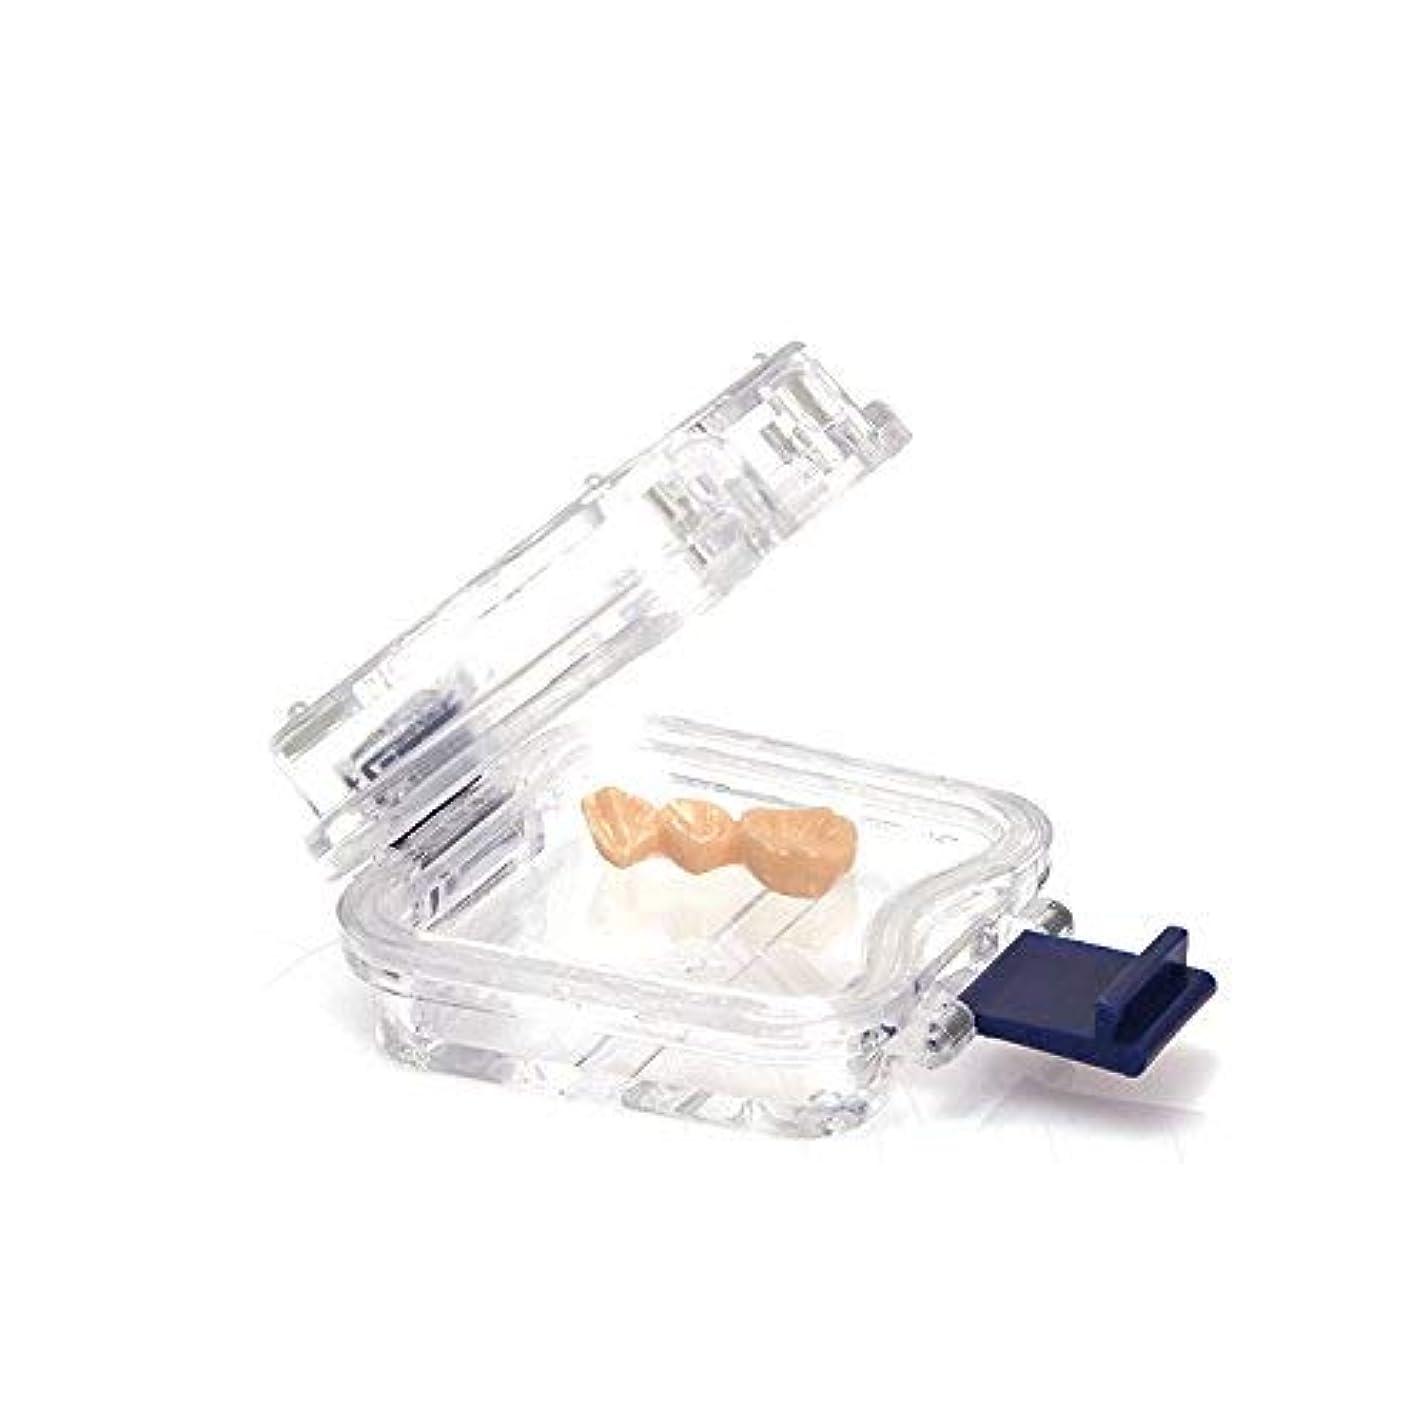 のぞき見町実験をする入れ歯ケース膜付き 5pcs/lot 義歯ケース 防振入れ歯ケース 小サイズ Annhua